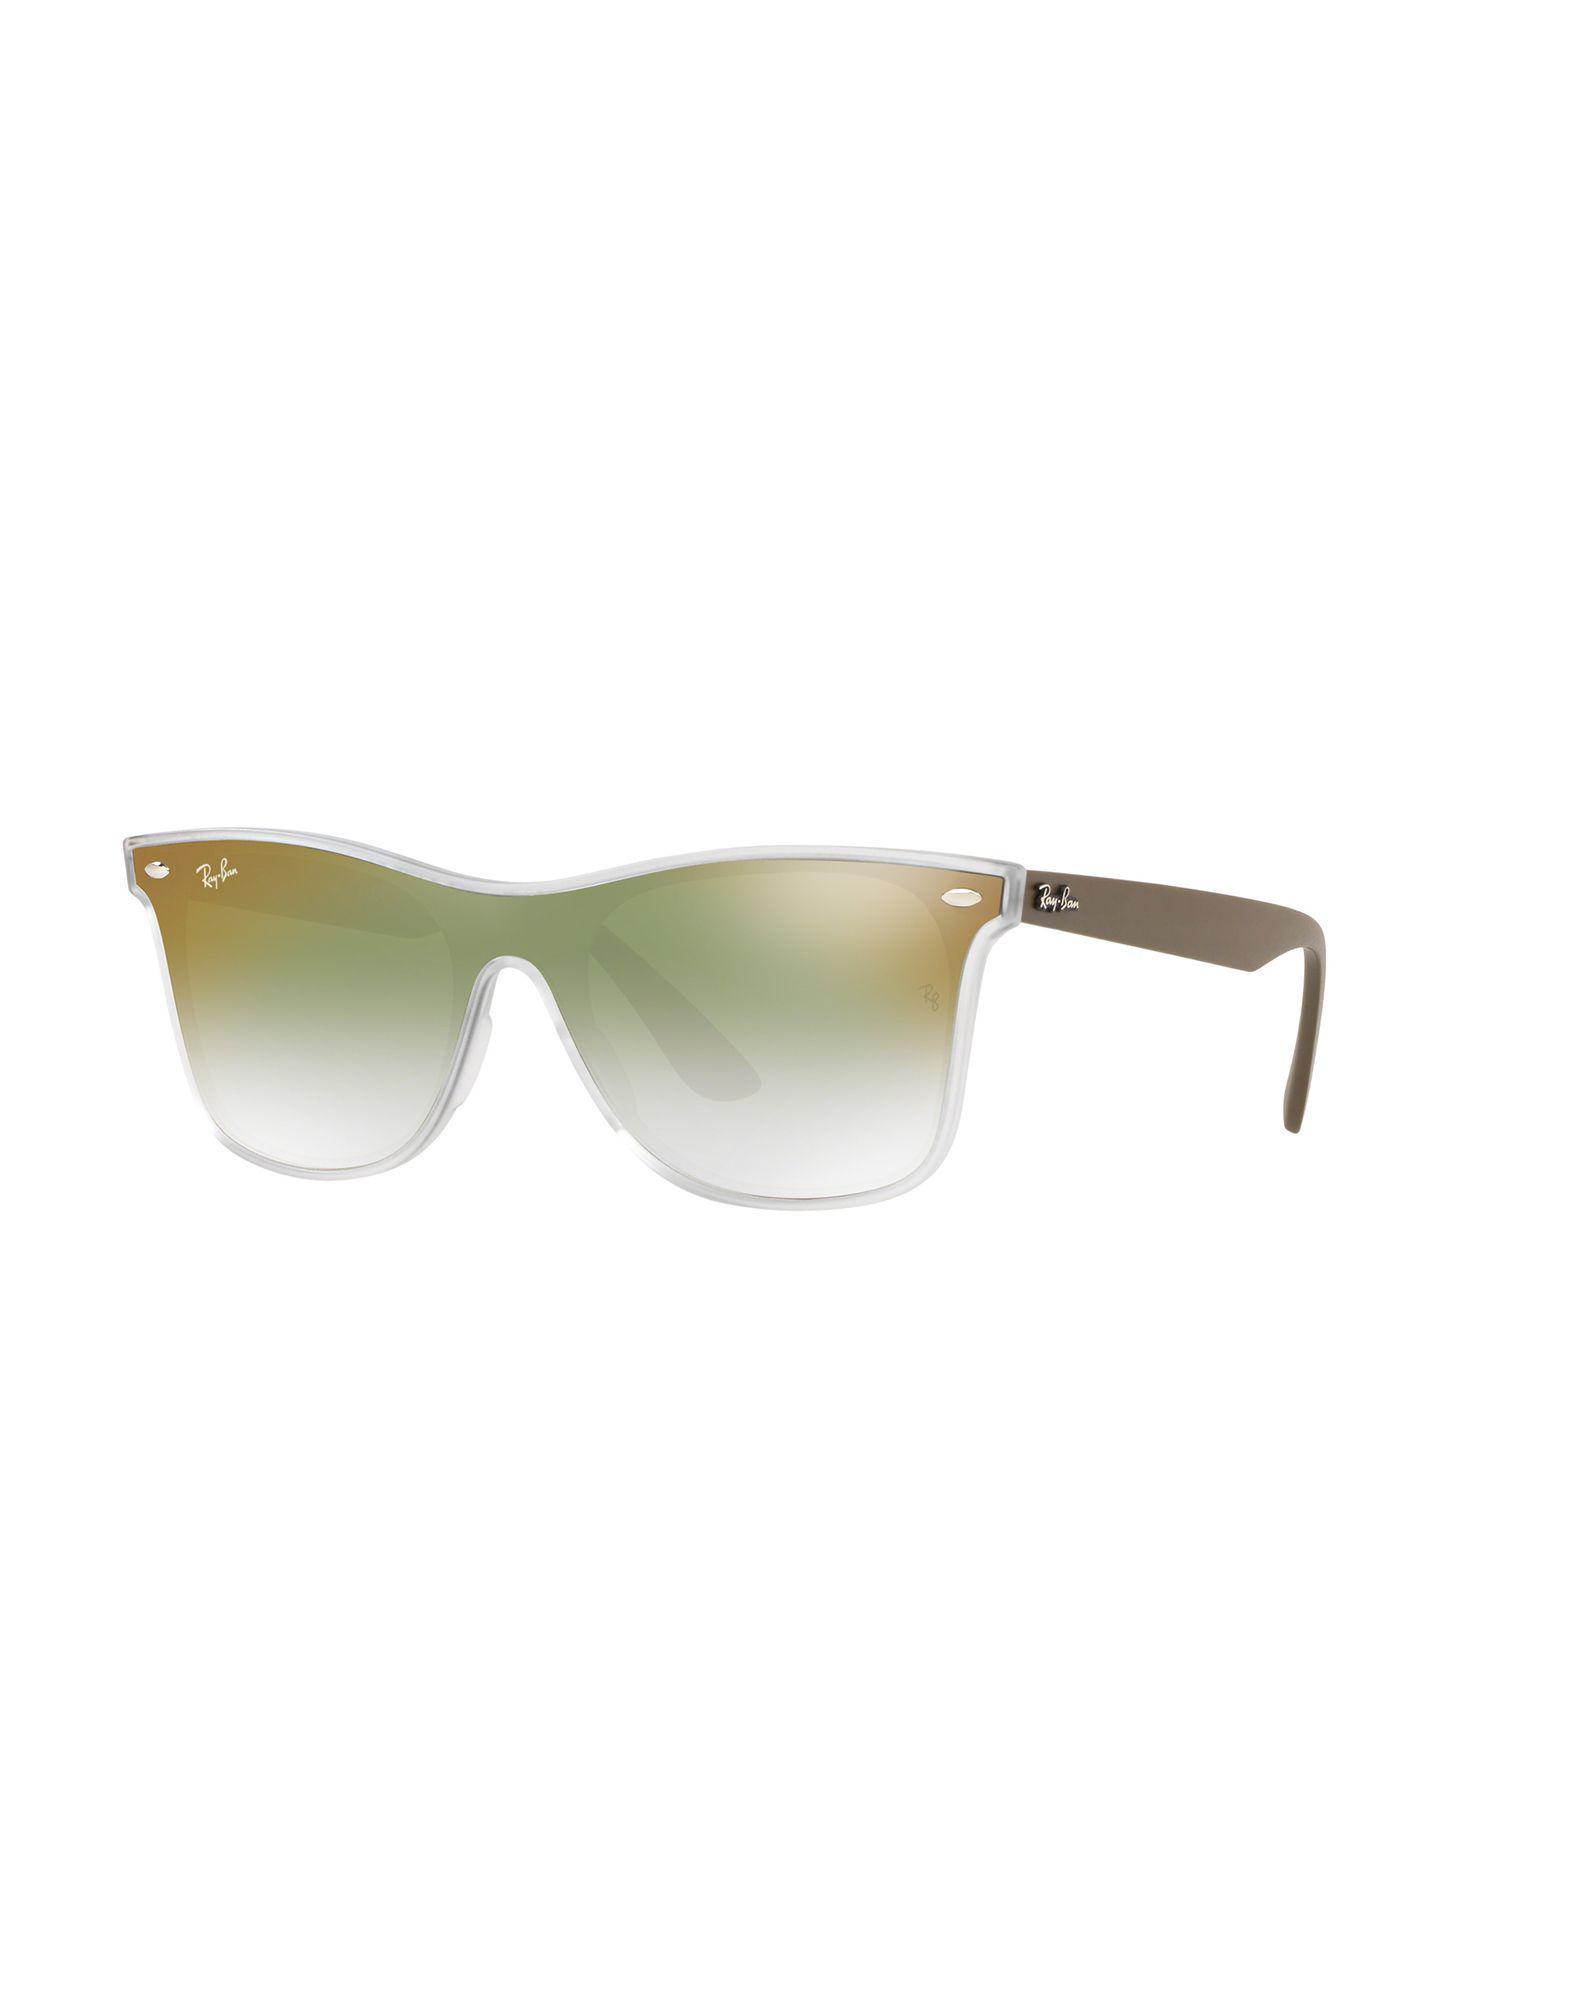 Ray-Ban. Gafas de sol de mujer de color verde 414d187d1244